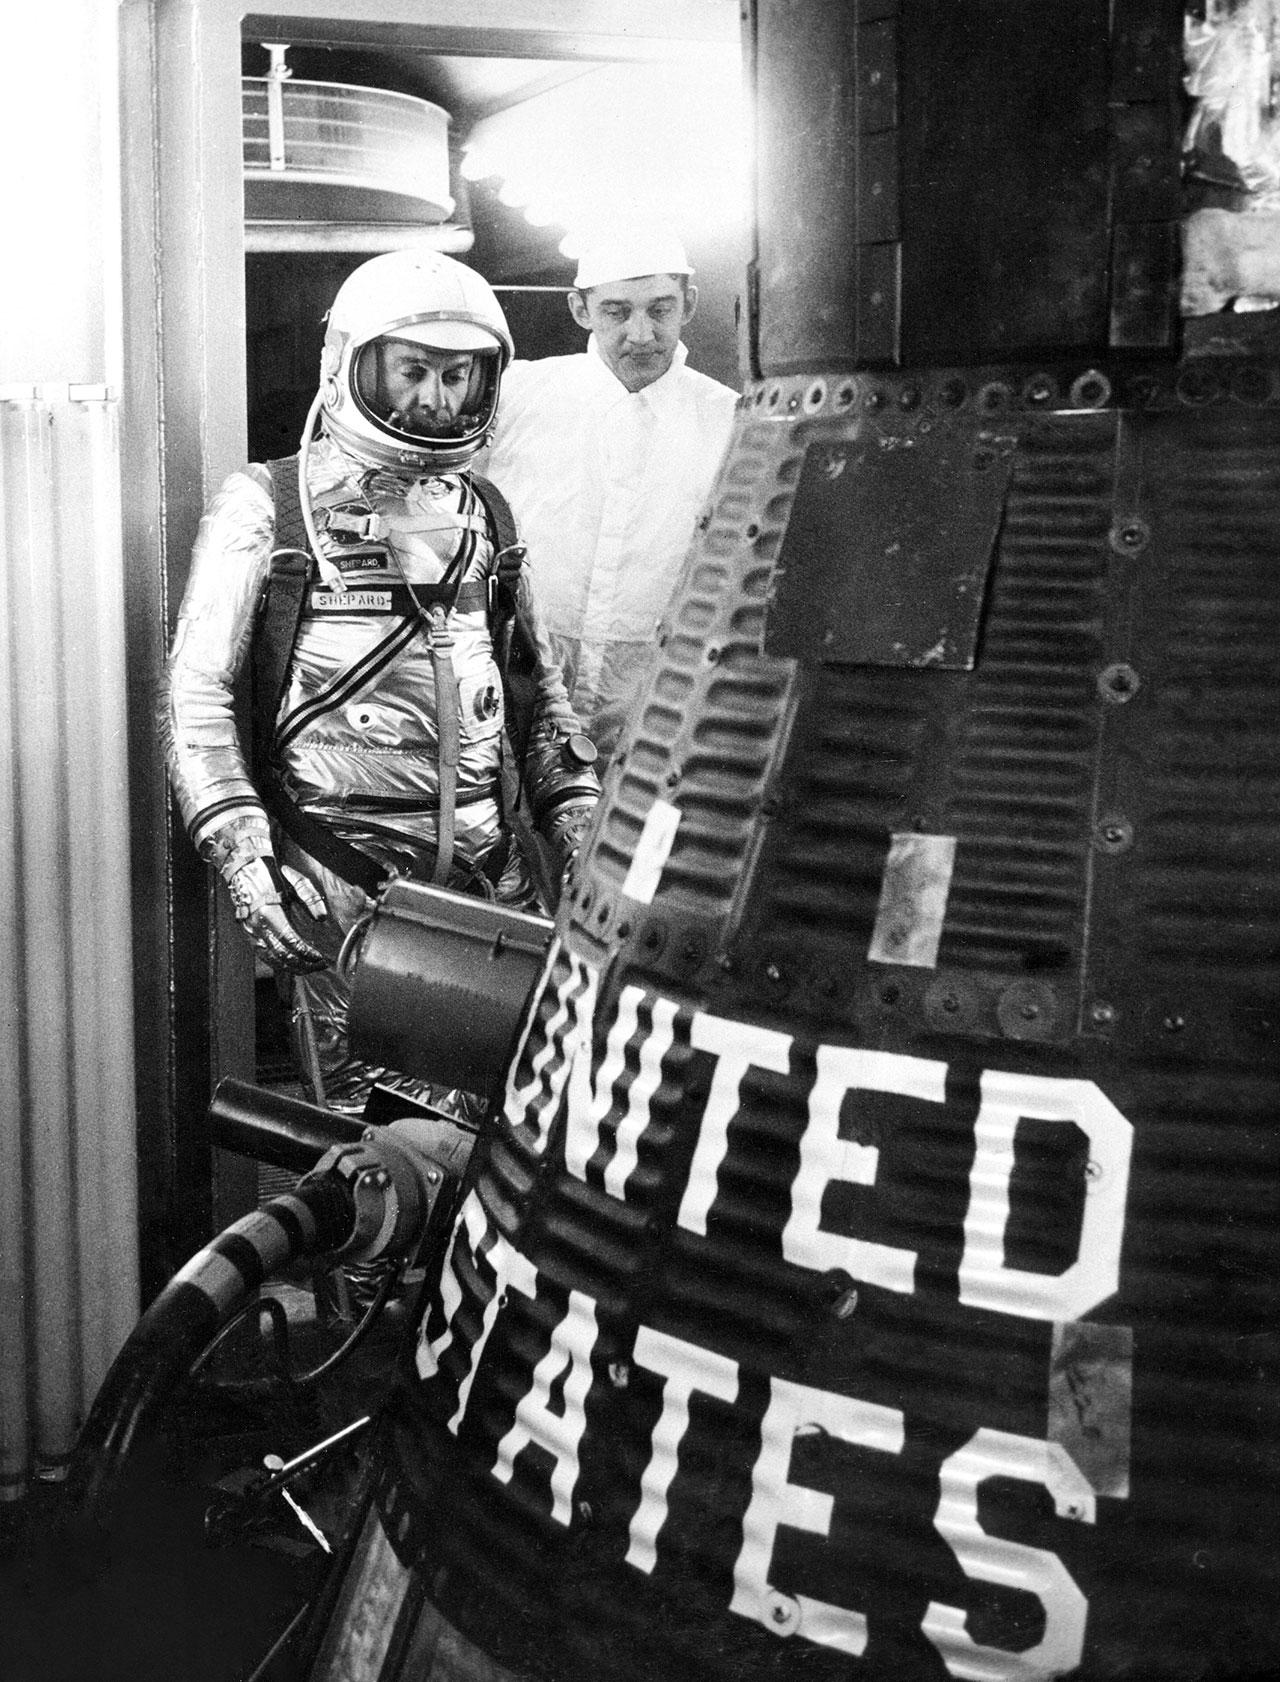 Alan Shepard, vêtu de sa combinaison de pression argentée, se prépare à monter à bord de sa capsule Mercury Freedom 7 avant son lancement sur le premier vol spatial habité américain, il y a 60 ans, le 5 mai 1961.